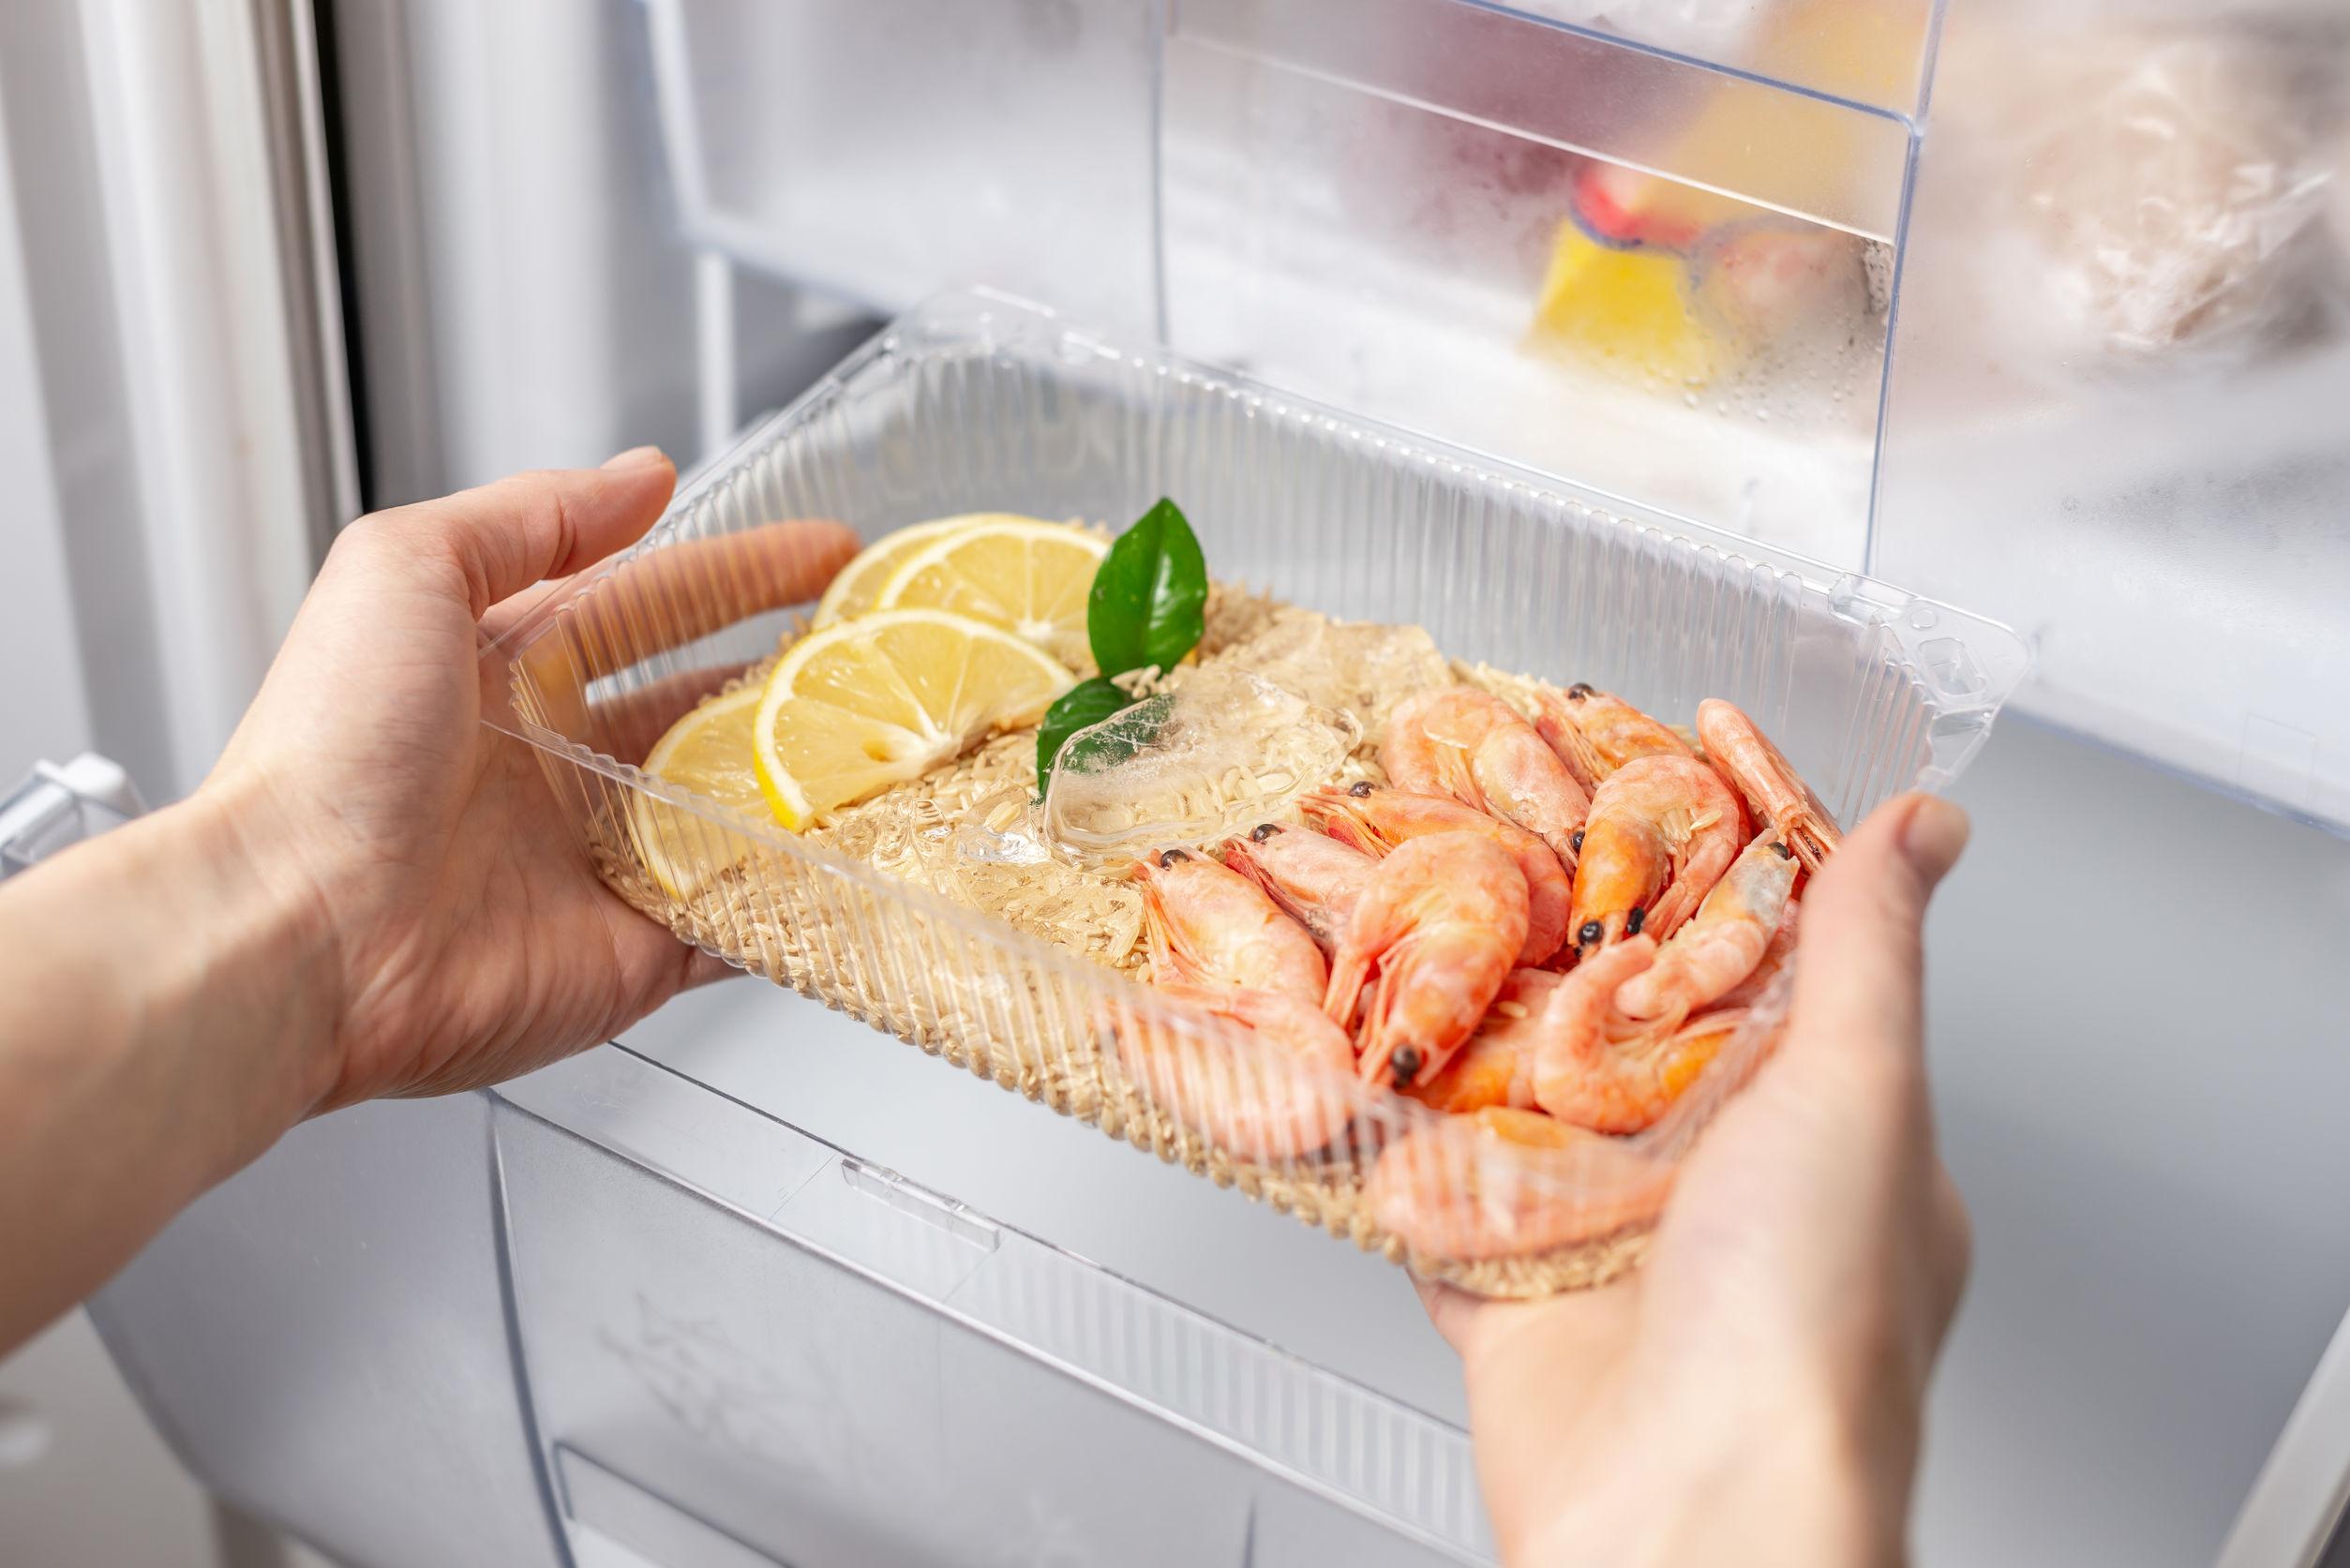 Mulher com refeição pronta para ser congelada em frente a um freezer vertical